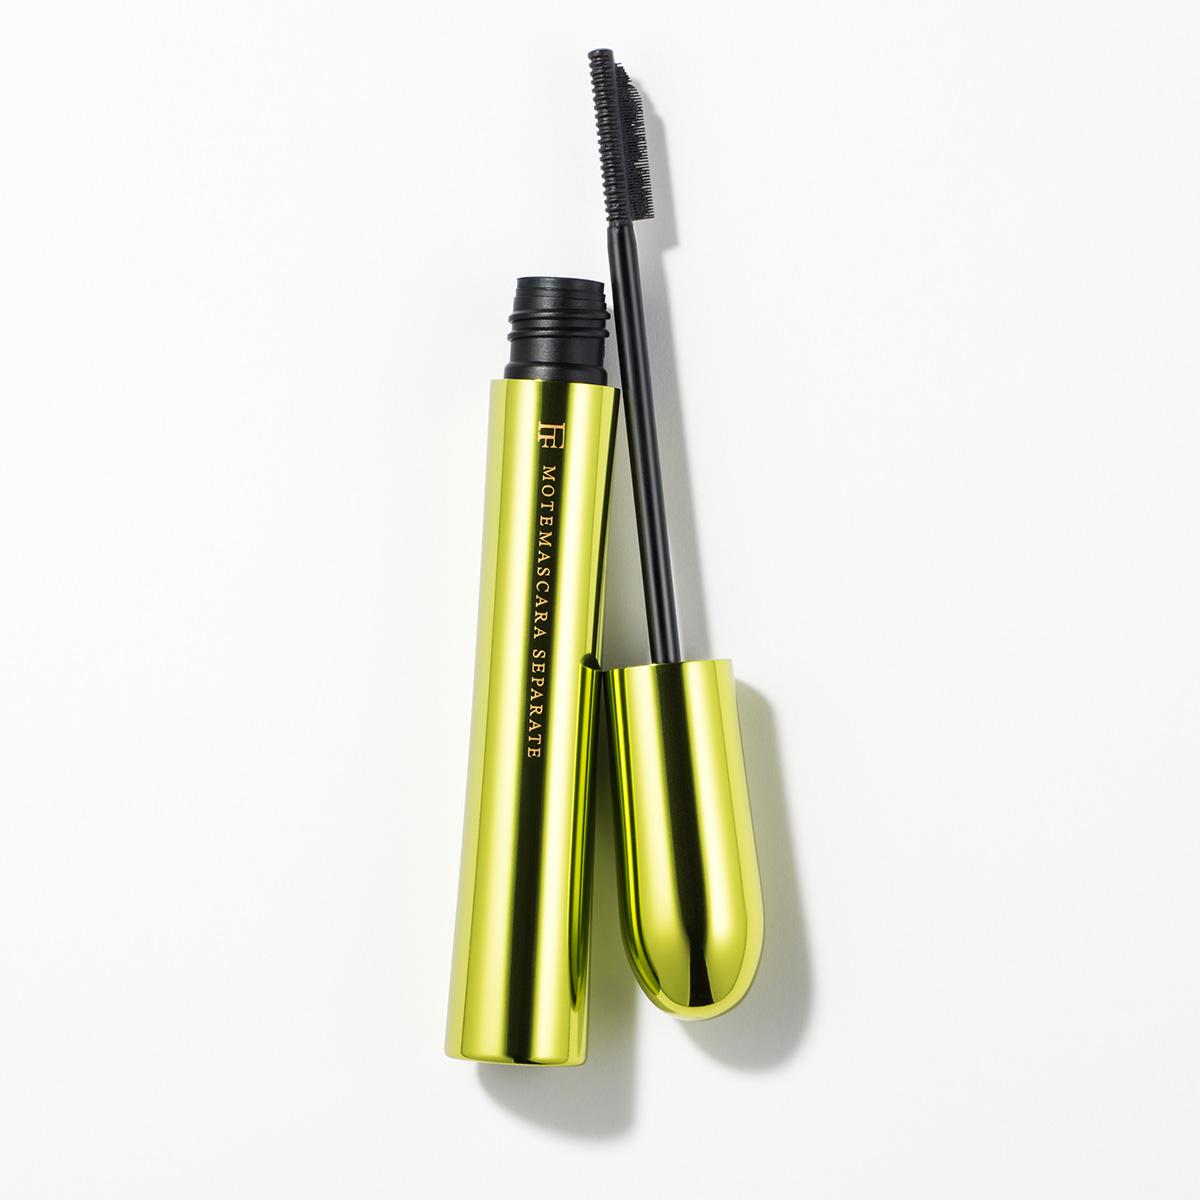 独自のコーム型ブラシで繊細に根元からセパレート。高配合の美容成分入りで塗るほどに美まつげへと進化。モテマスカラ NATURAL 2 ¥1800/フローフシ